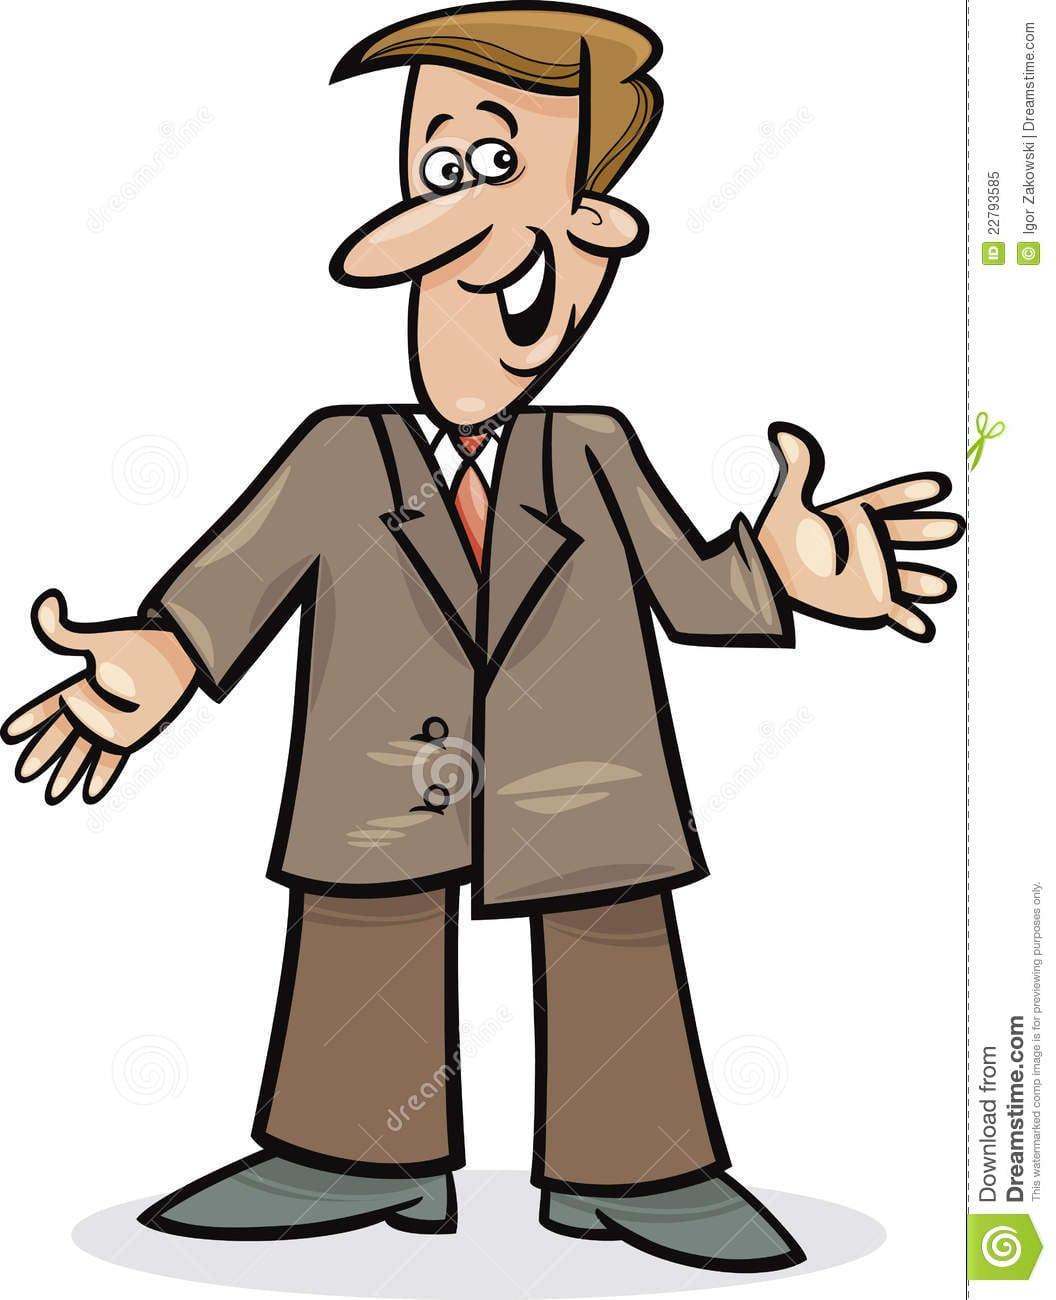 homem dos desenhos animados no terno foto de stock royalty free